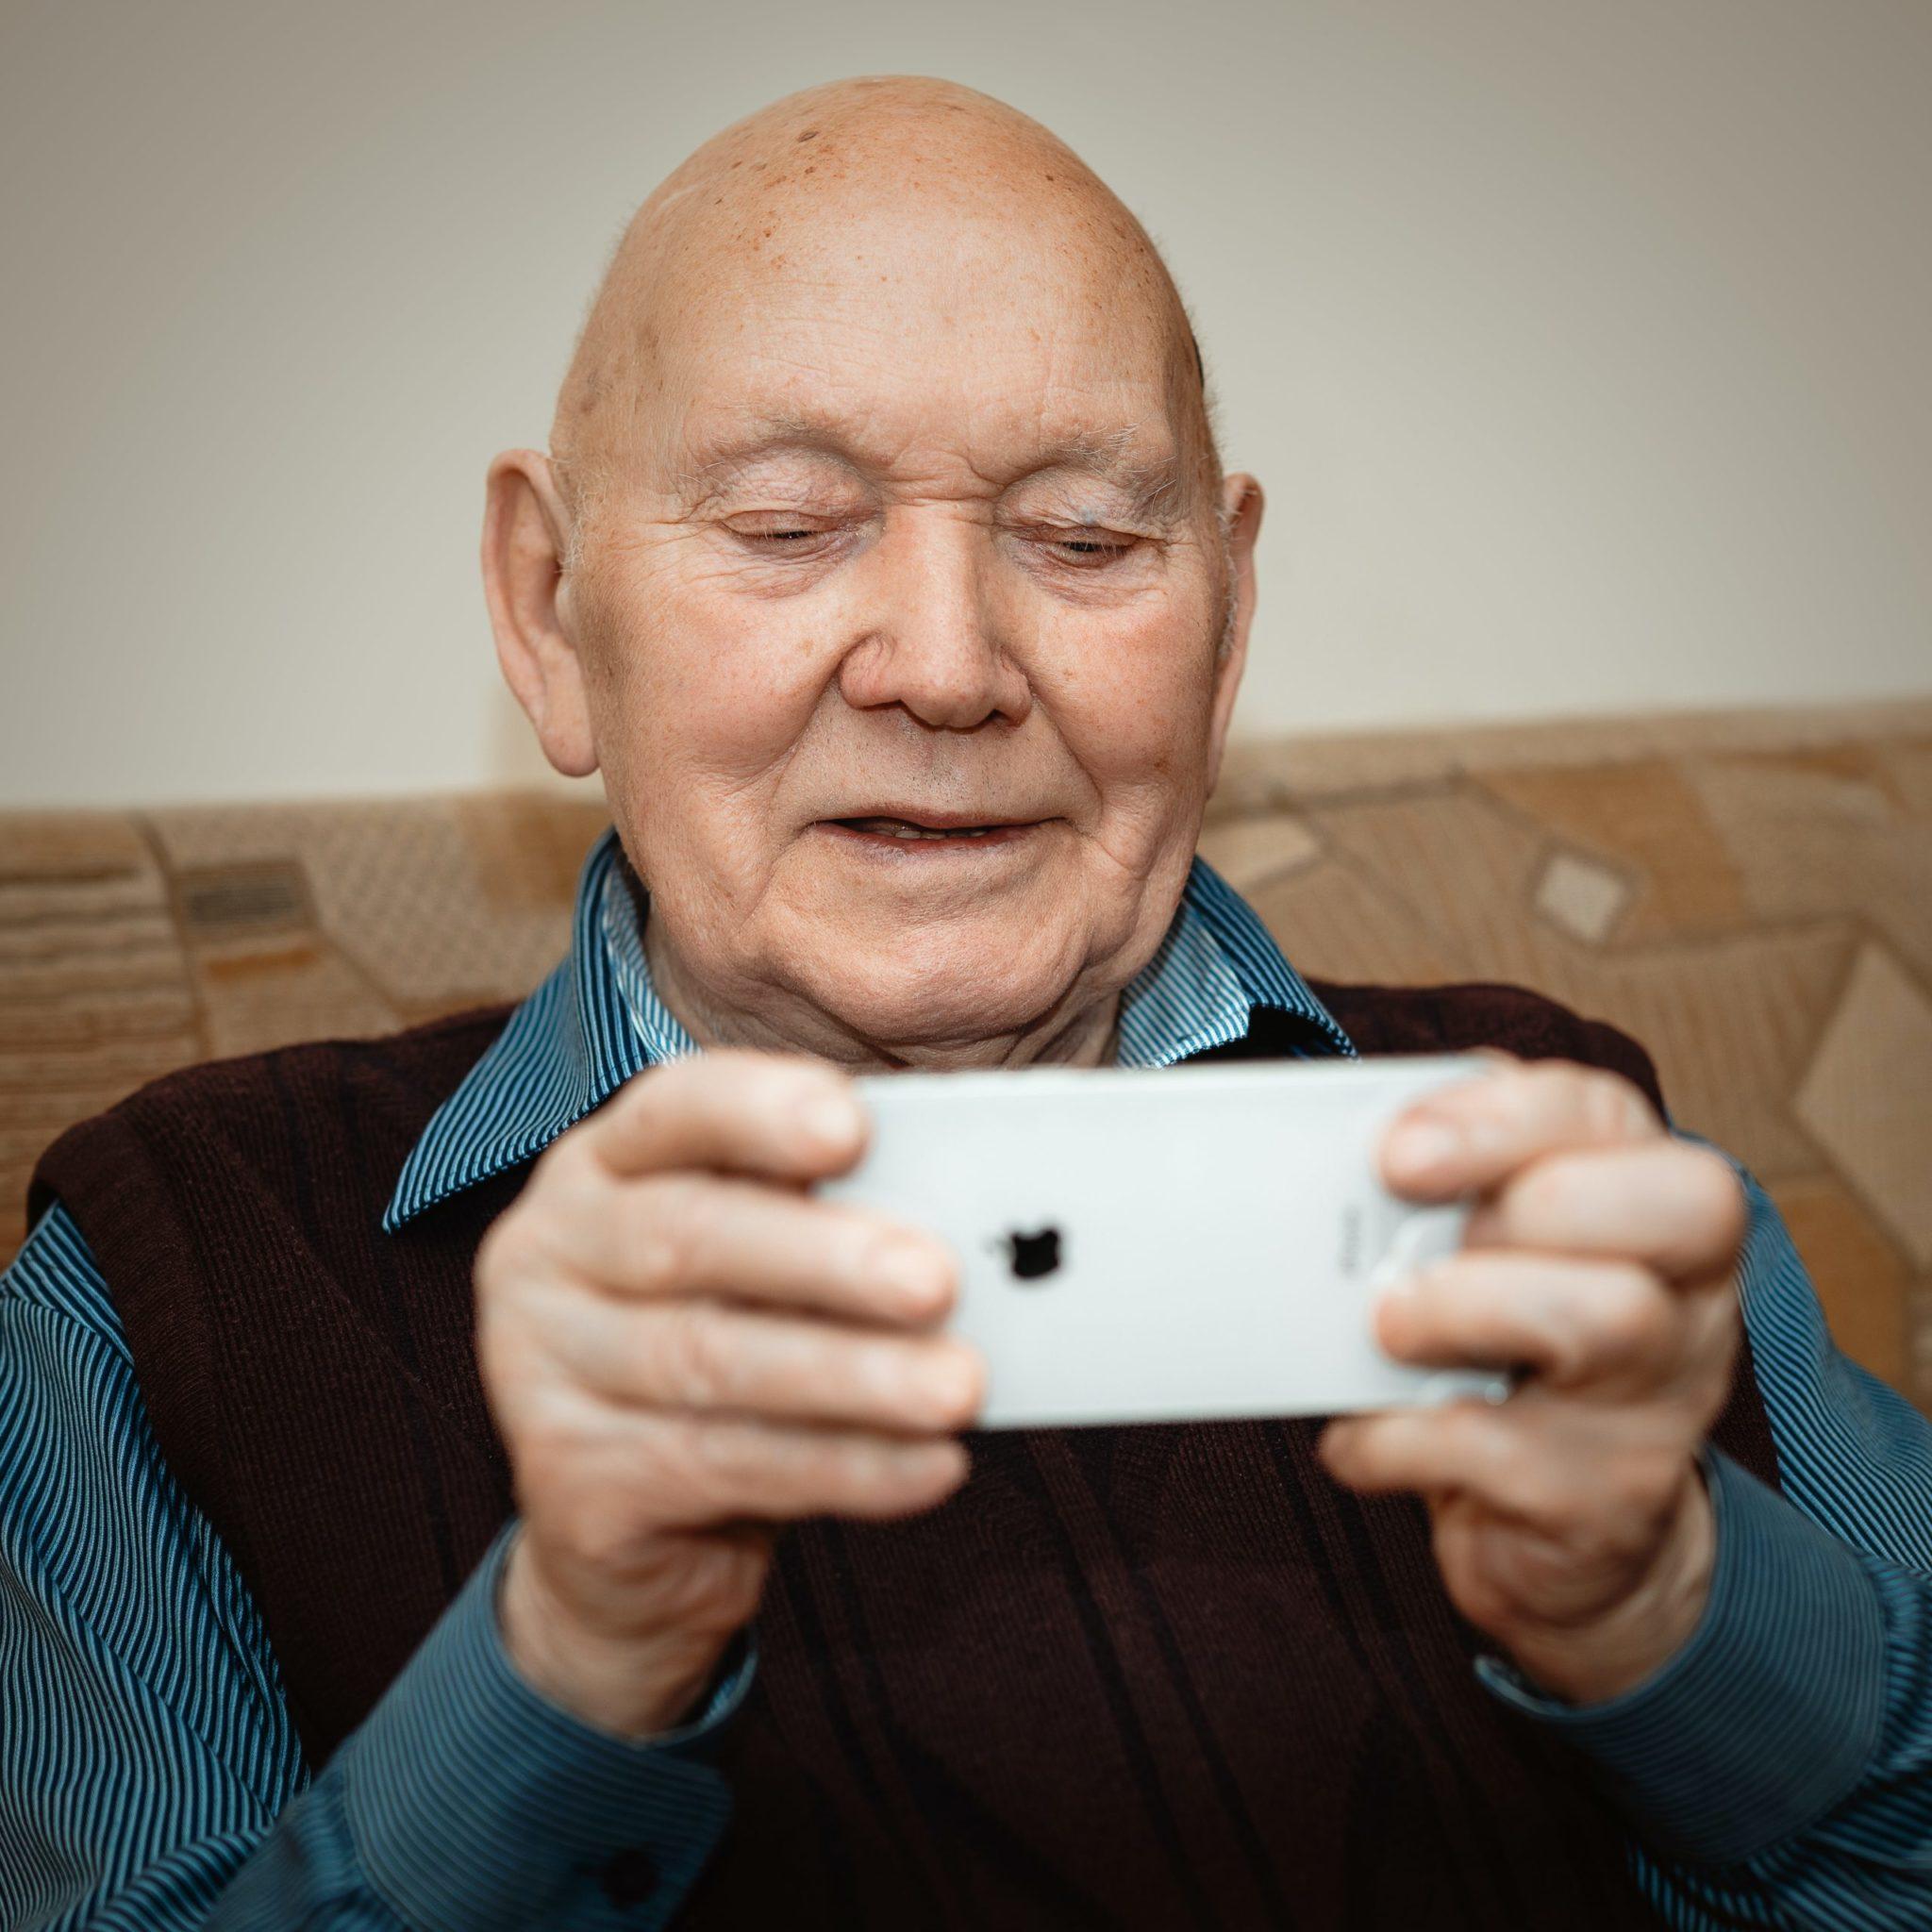 pensionato al cellulare